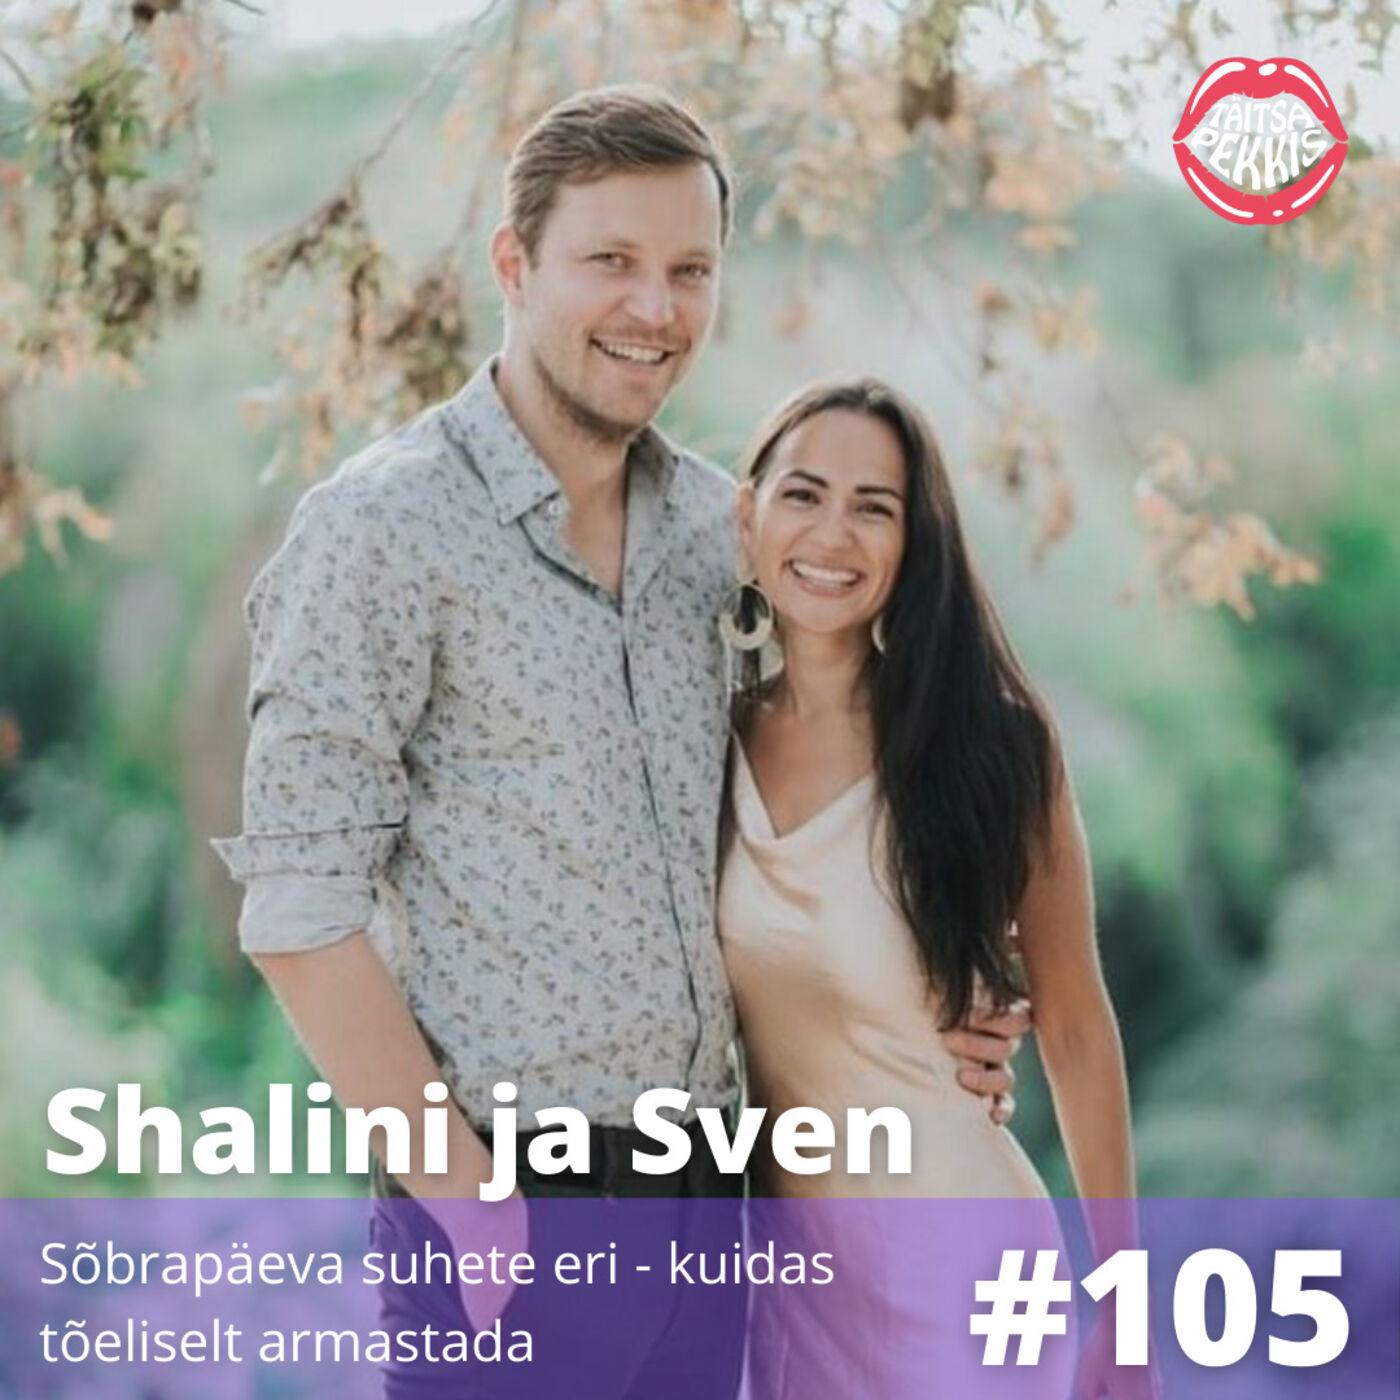 #105 - Shalini ja Sven - Sõbrapäeva suhete eri - kuidas tõeliselt armastada